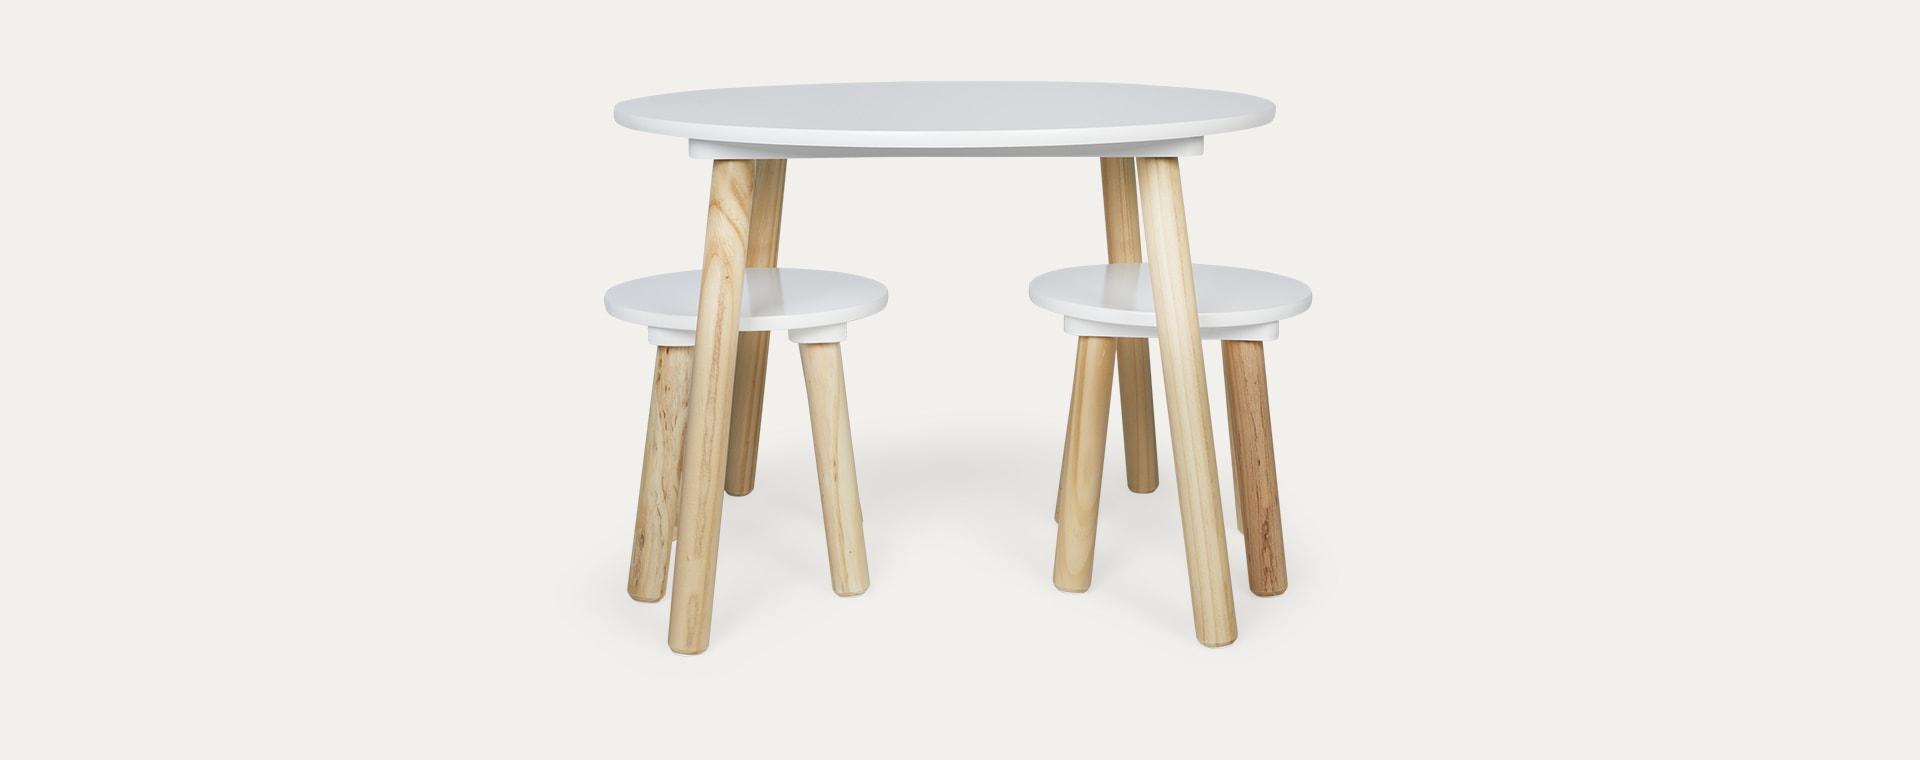 White Jabadabado Table and Stools